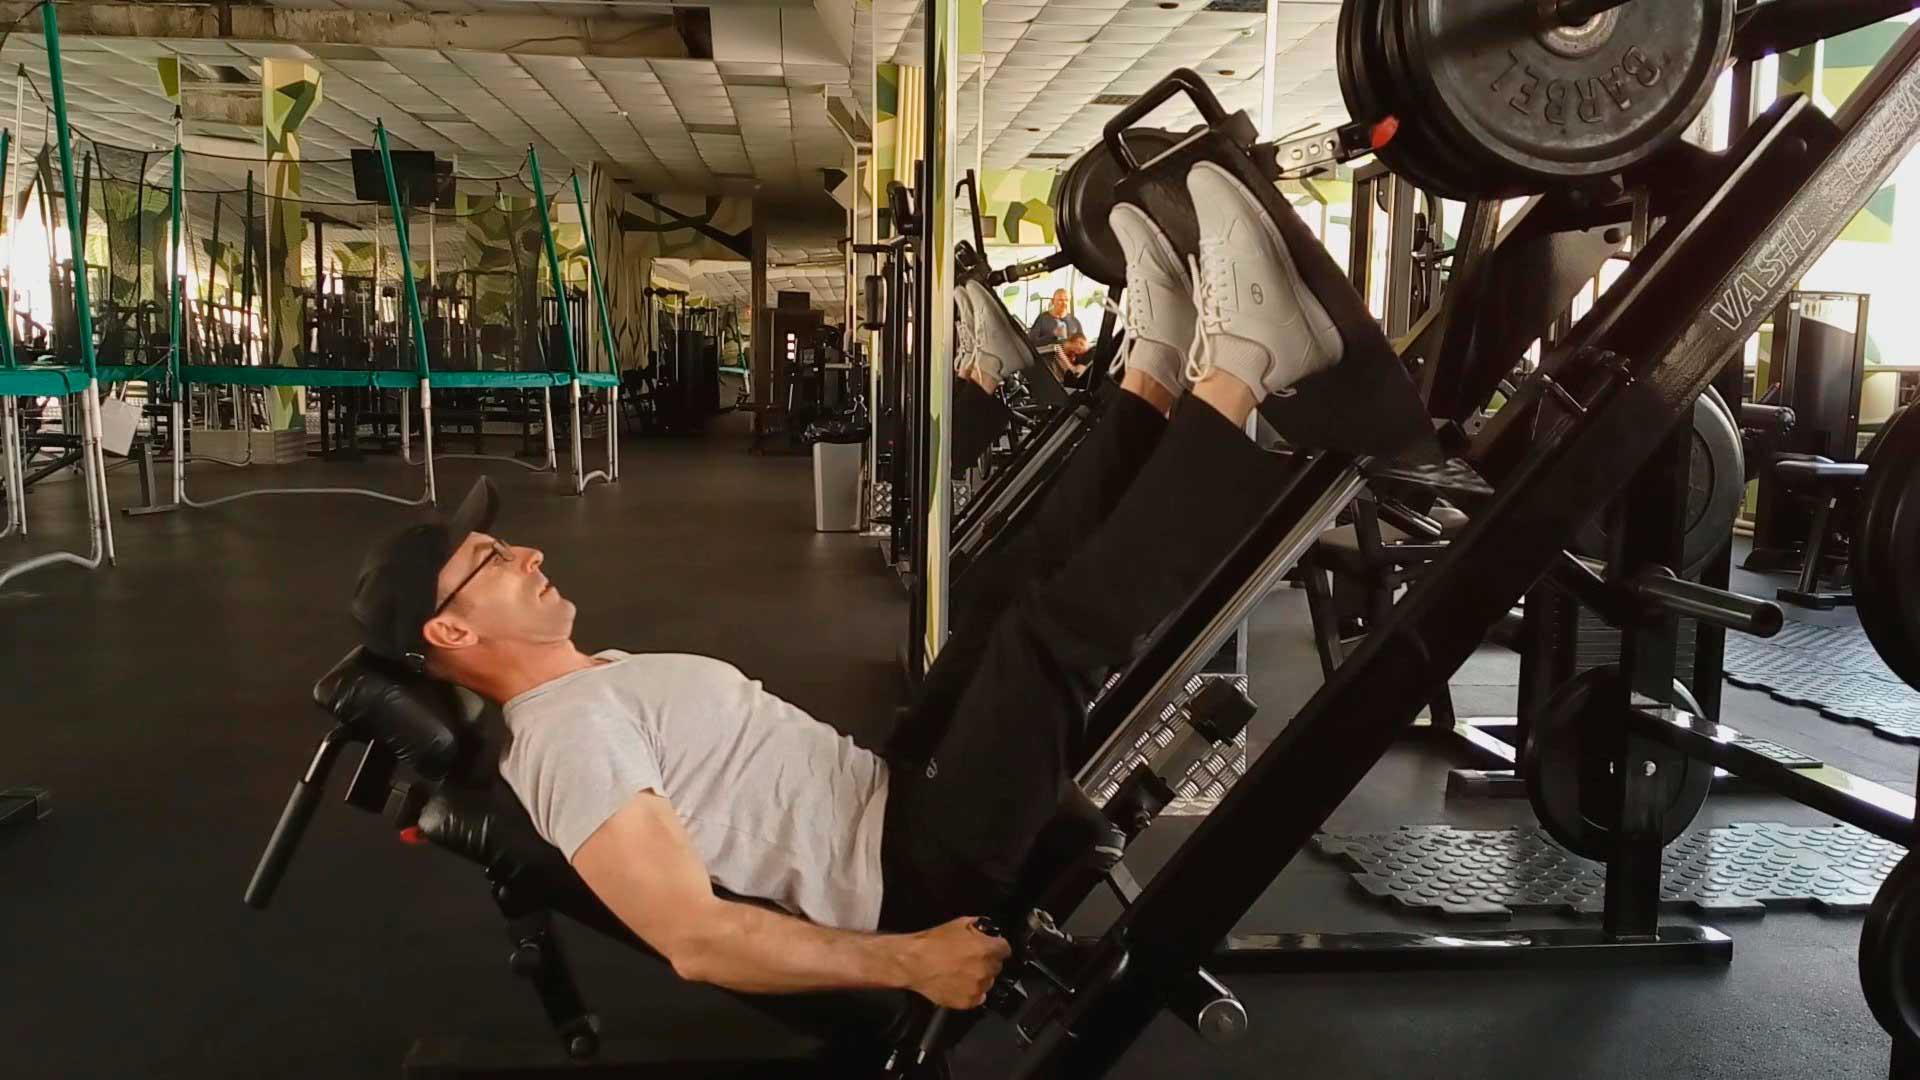 Упражнения на тренажерах. Жим ногами.